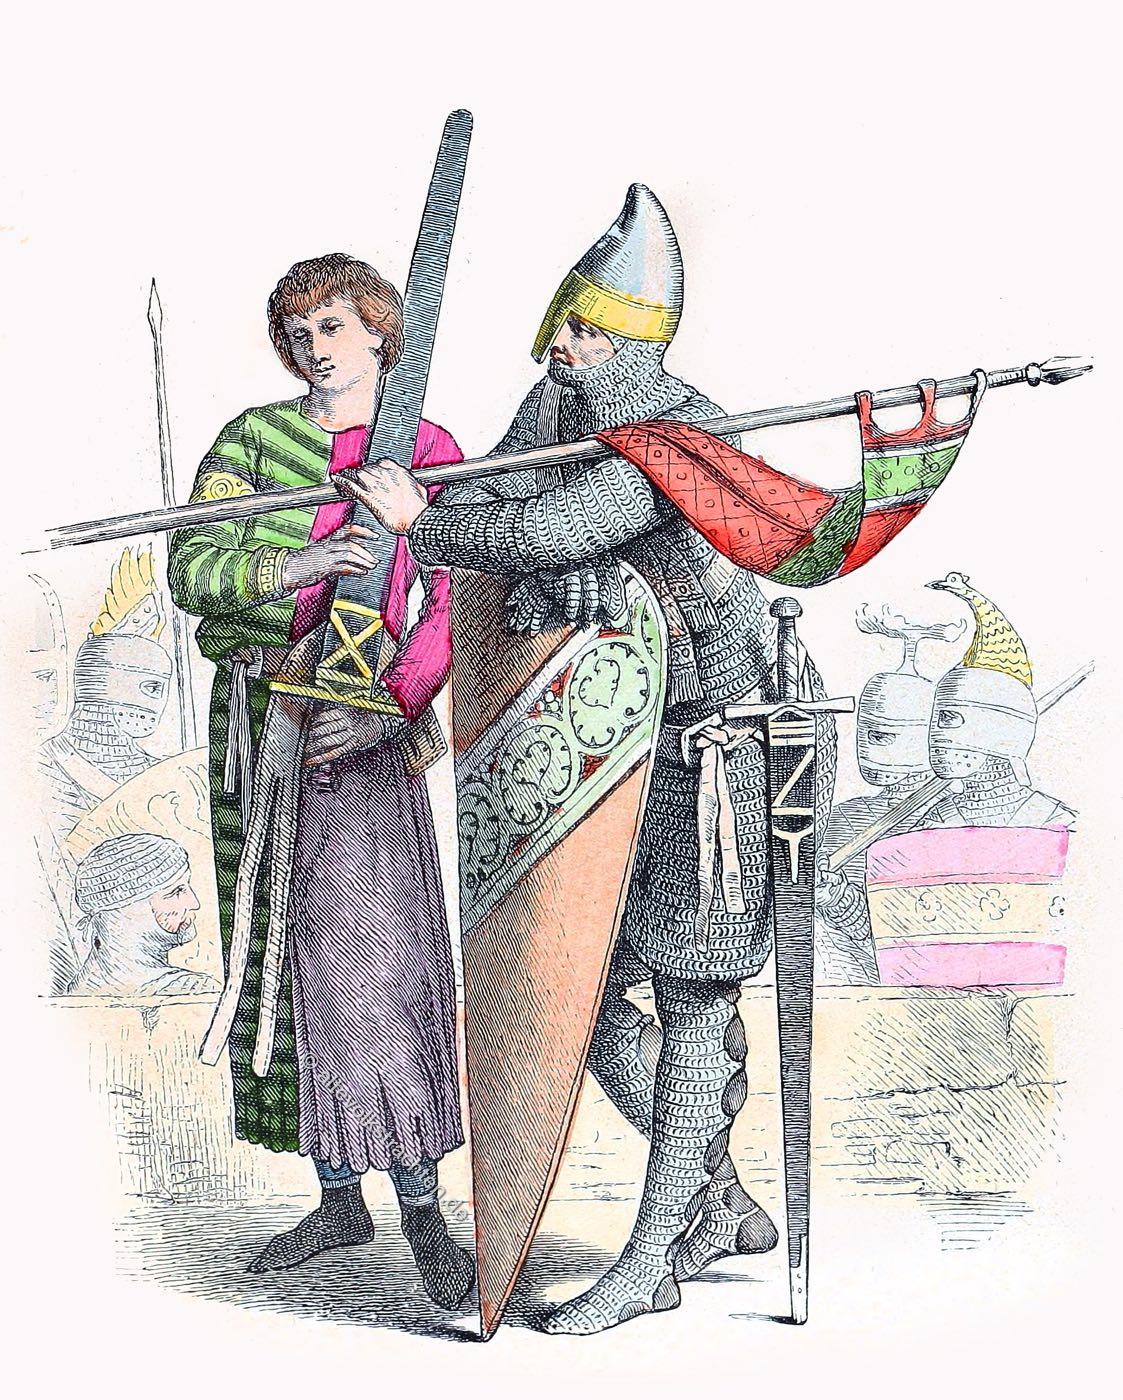 Münchener Bilderbogen, Kreuzzug, Knappe, Ritter, Rüstung, Kleidung, Kostüme, Mittelalter